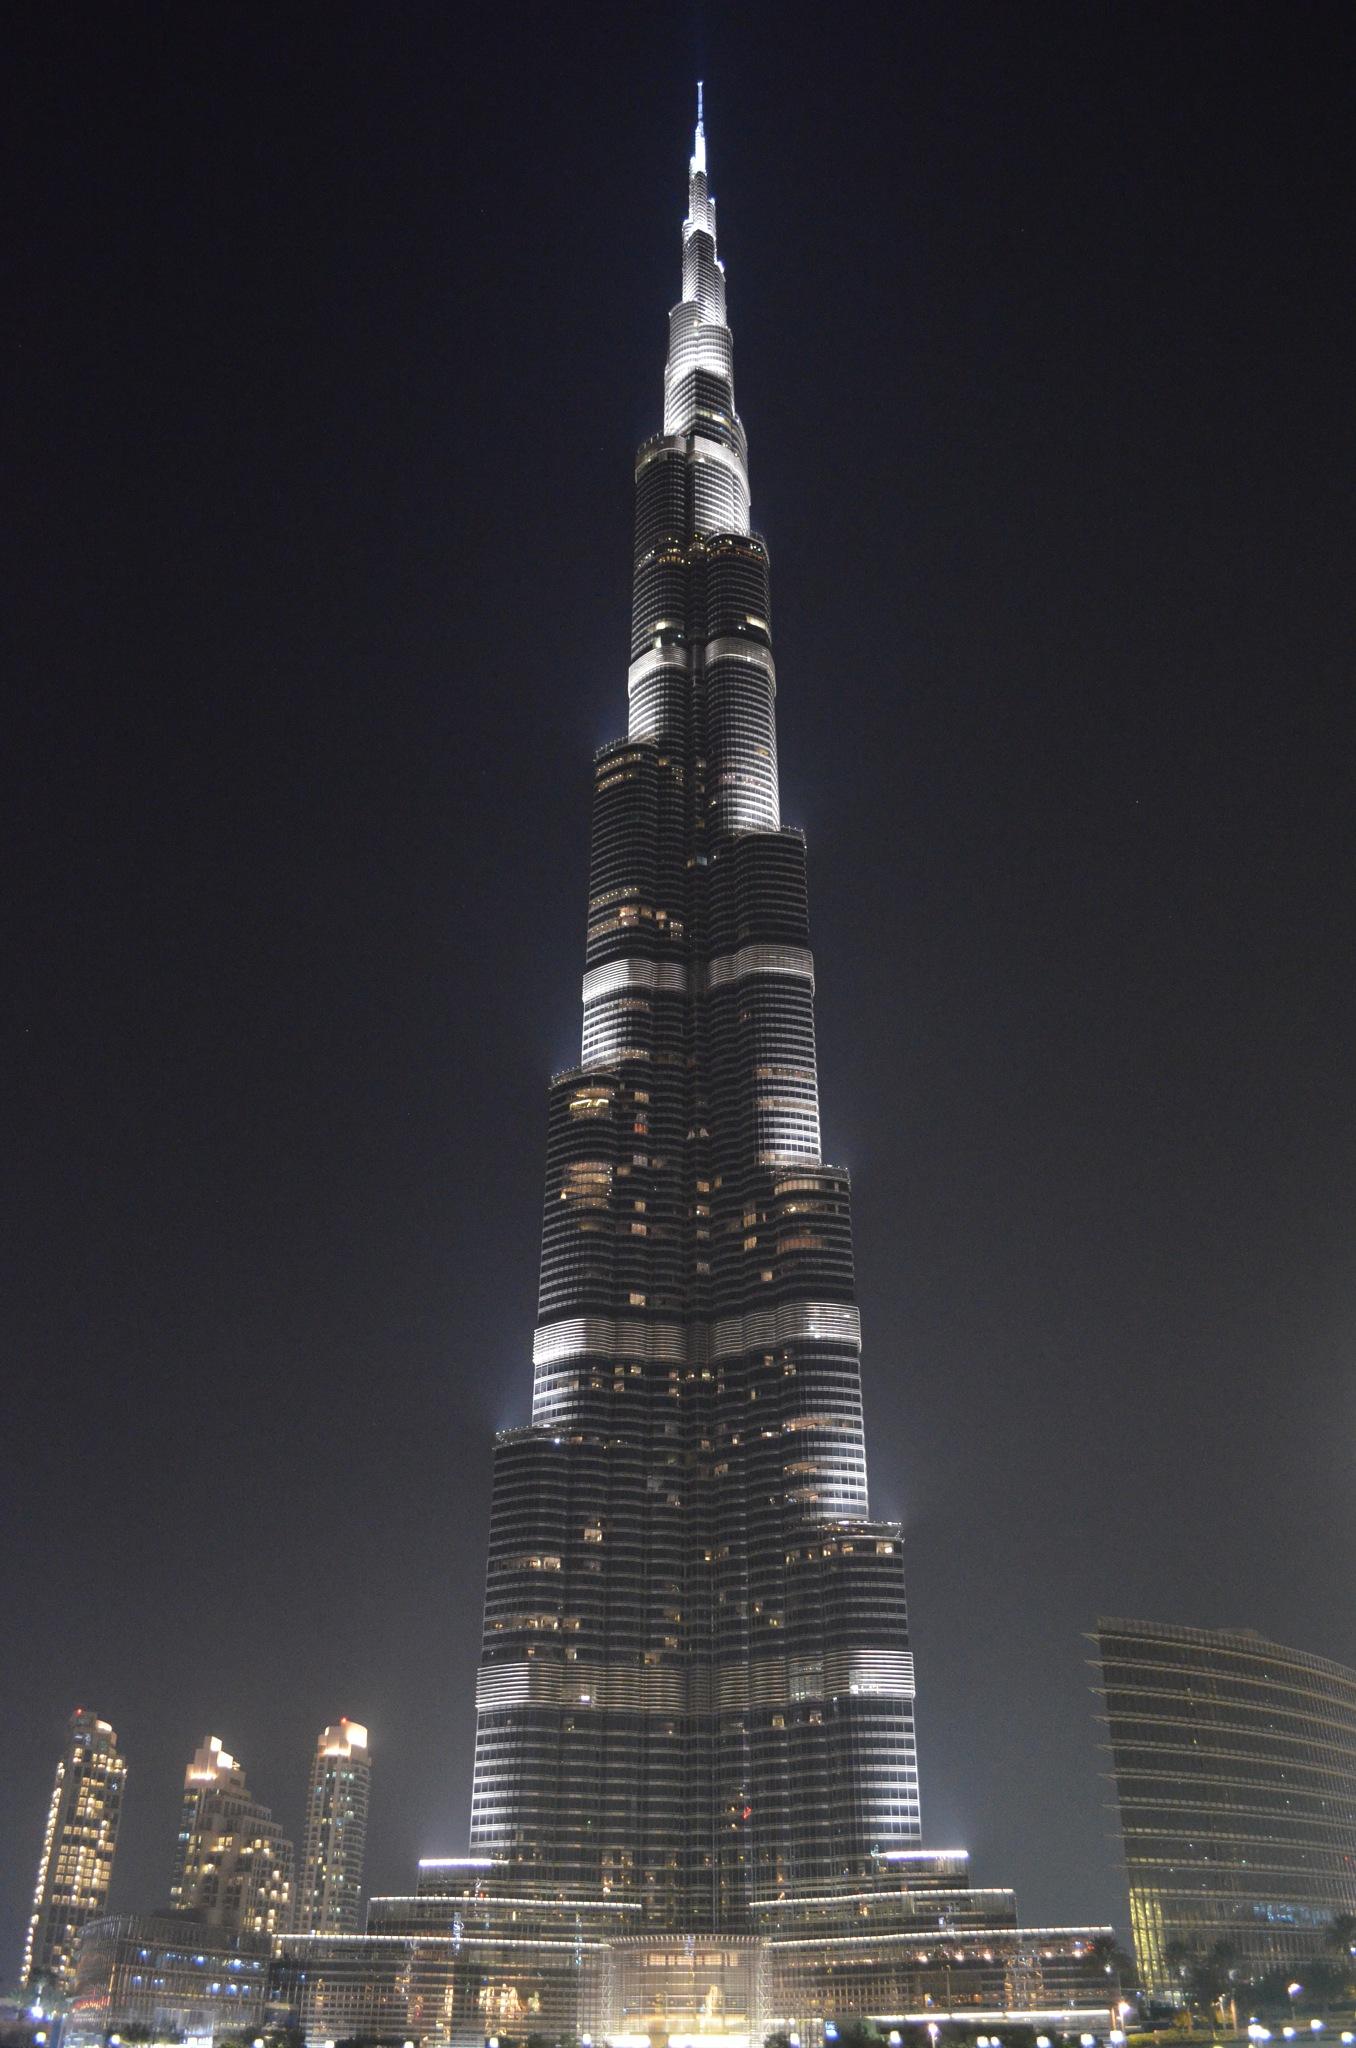 Burj Khalifa at night by NahyaraLacerda